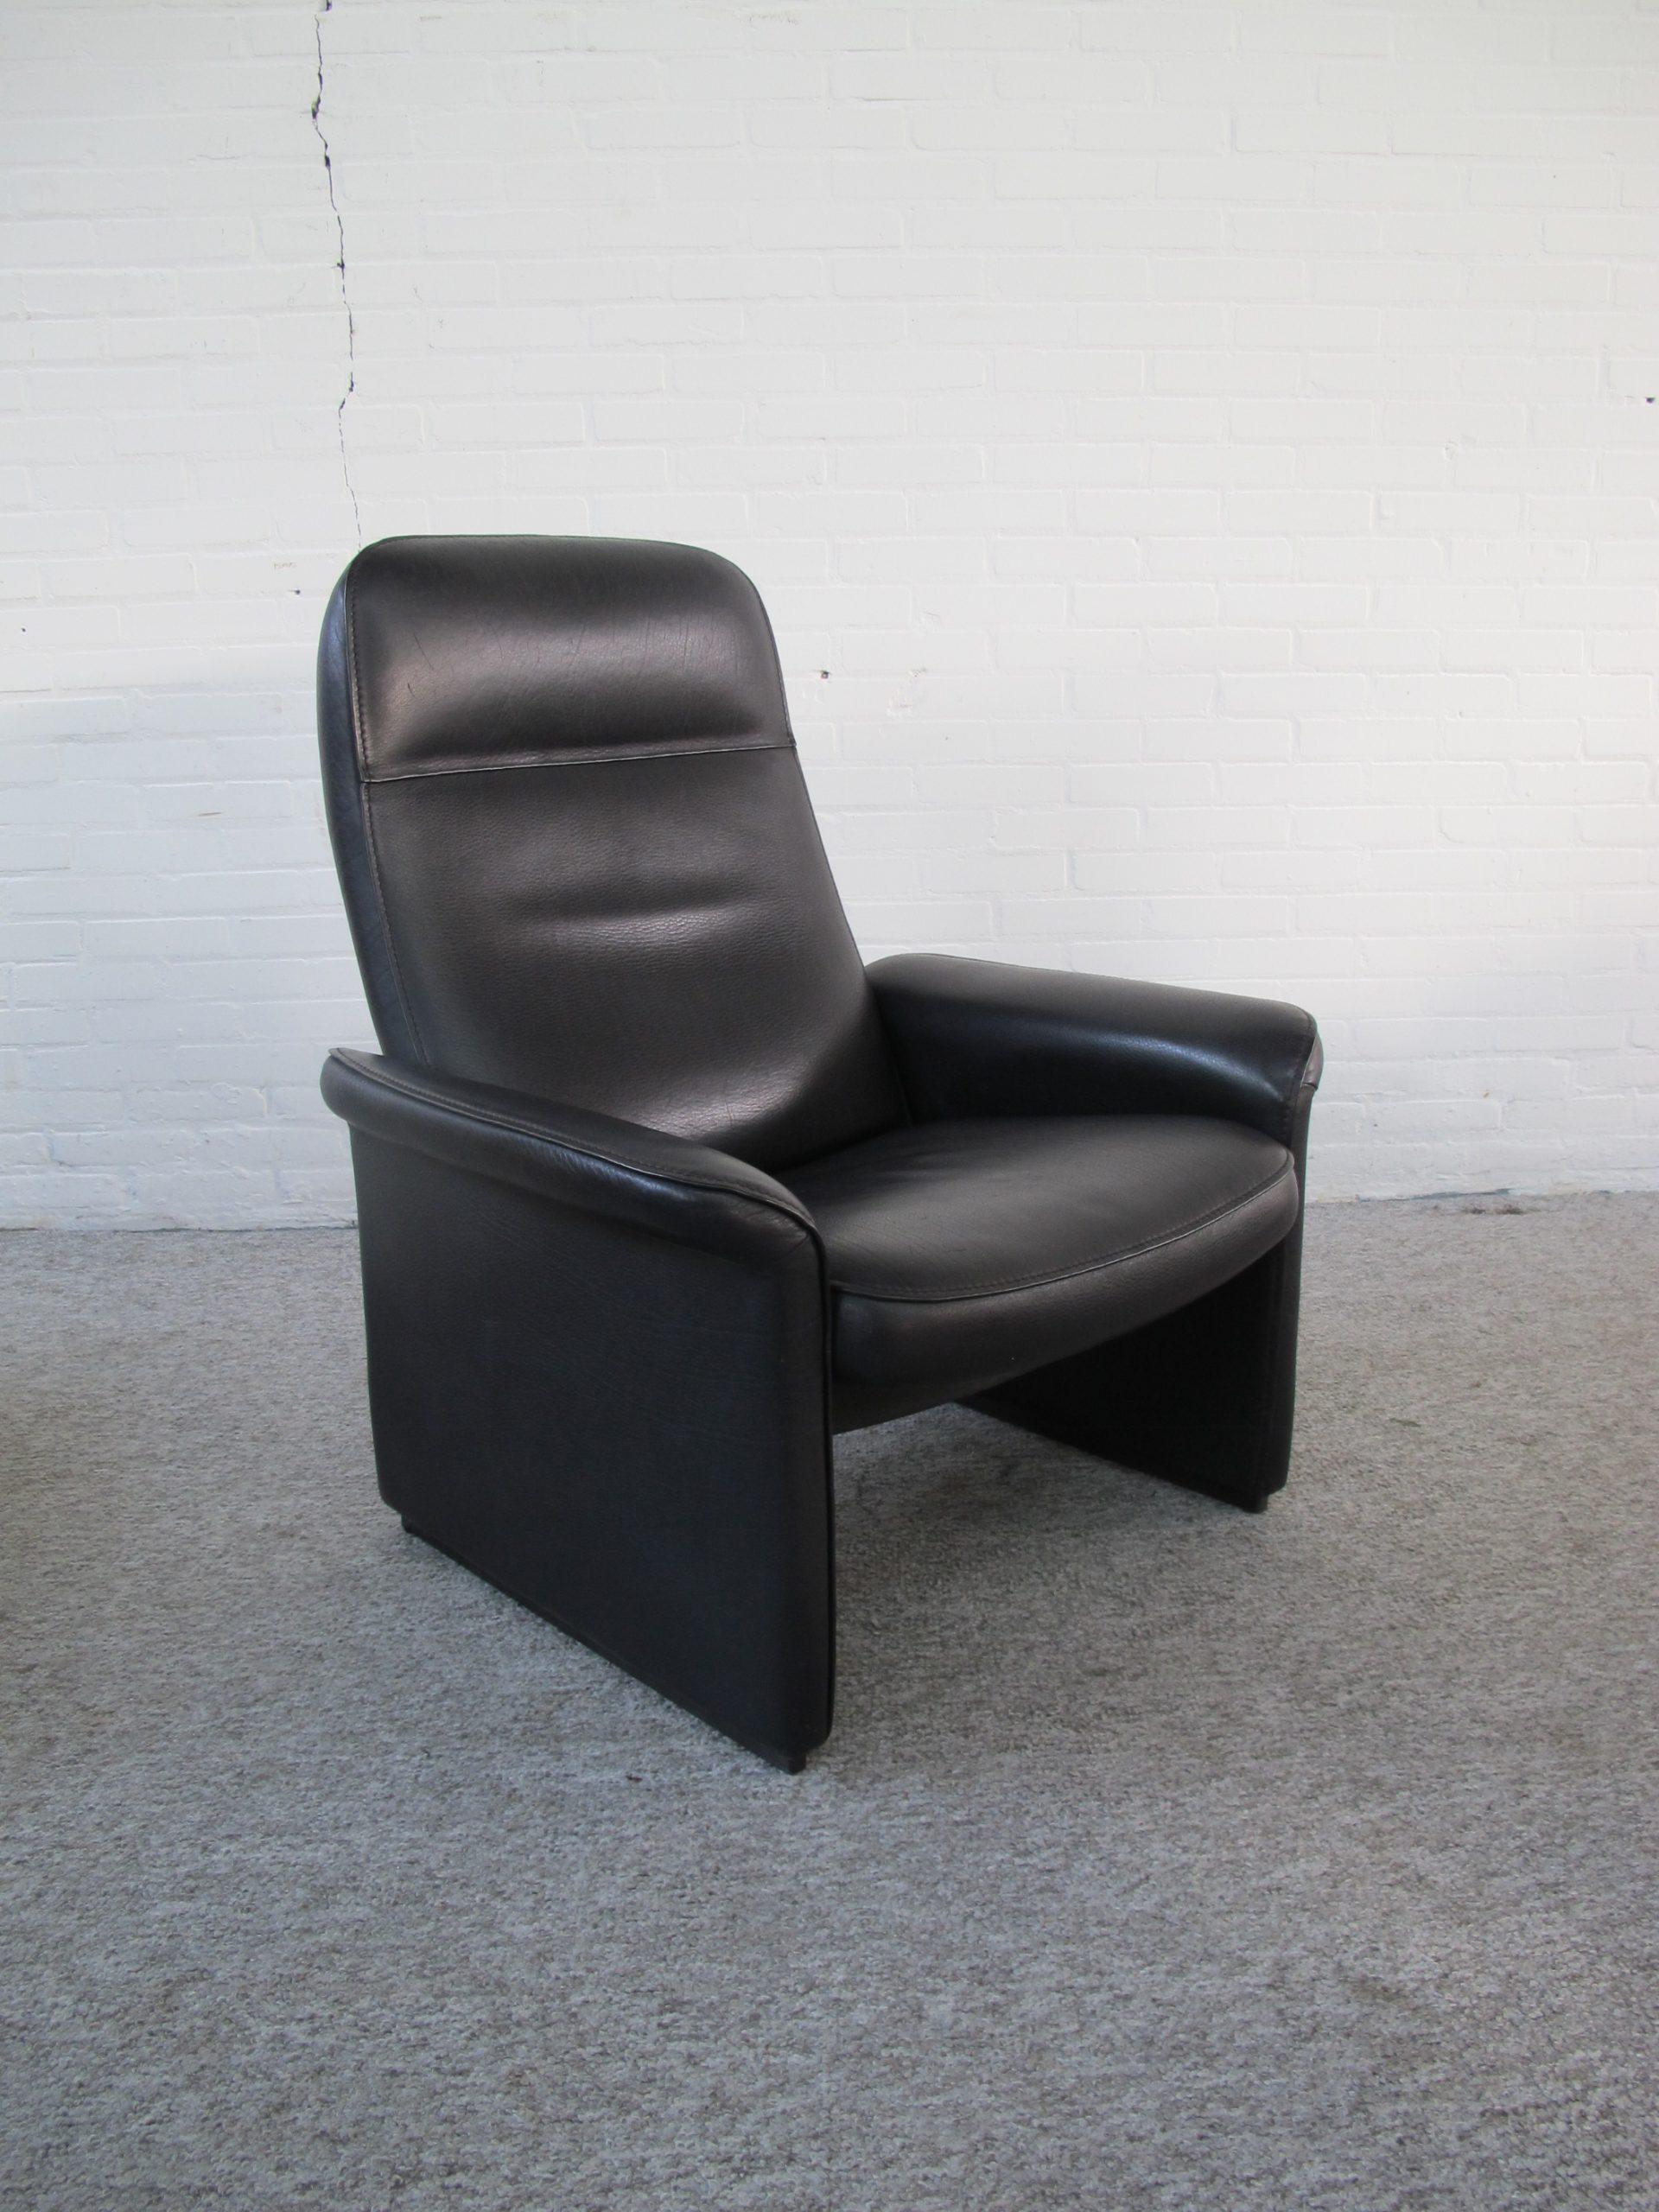 fauteuil lounge chair Armchair De Sede DS-50 vintage midcentury